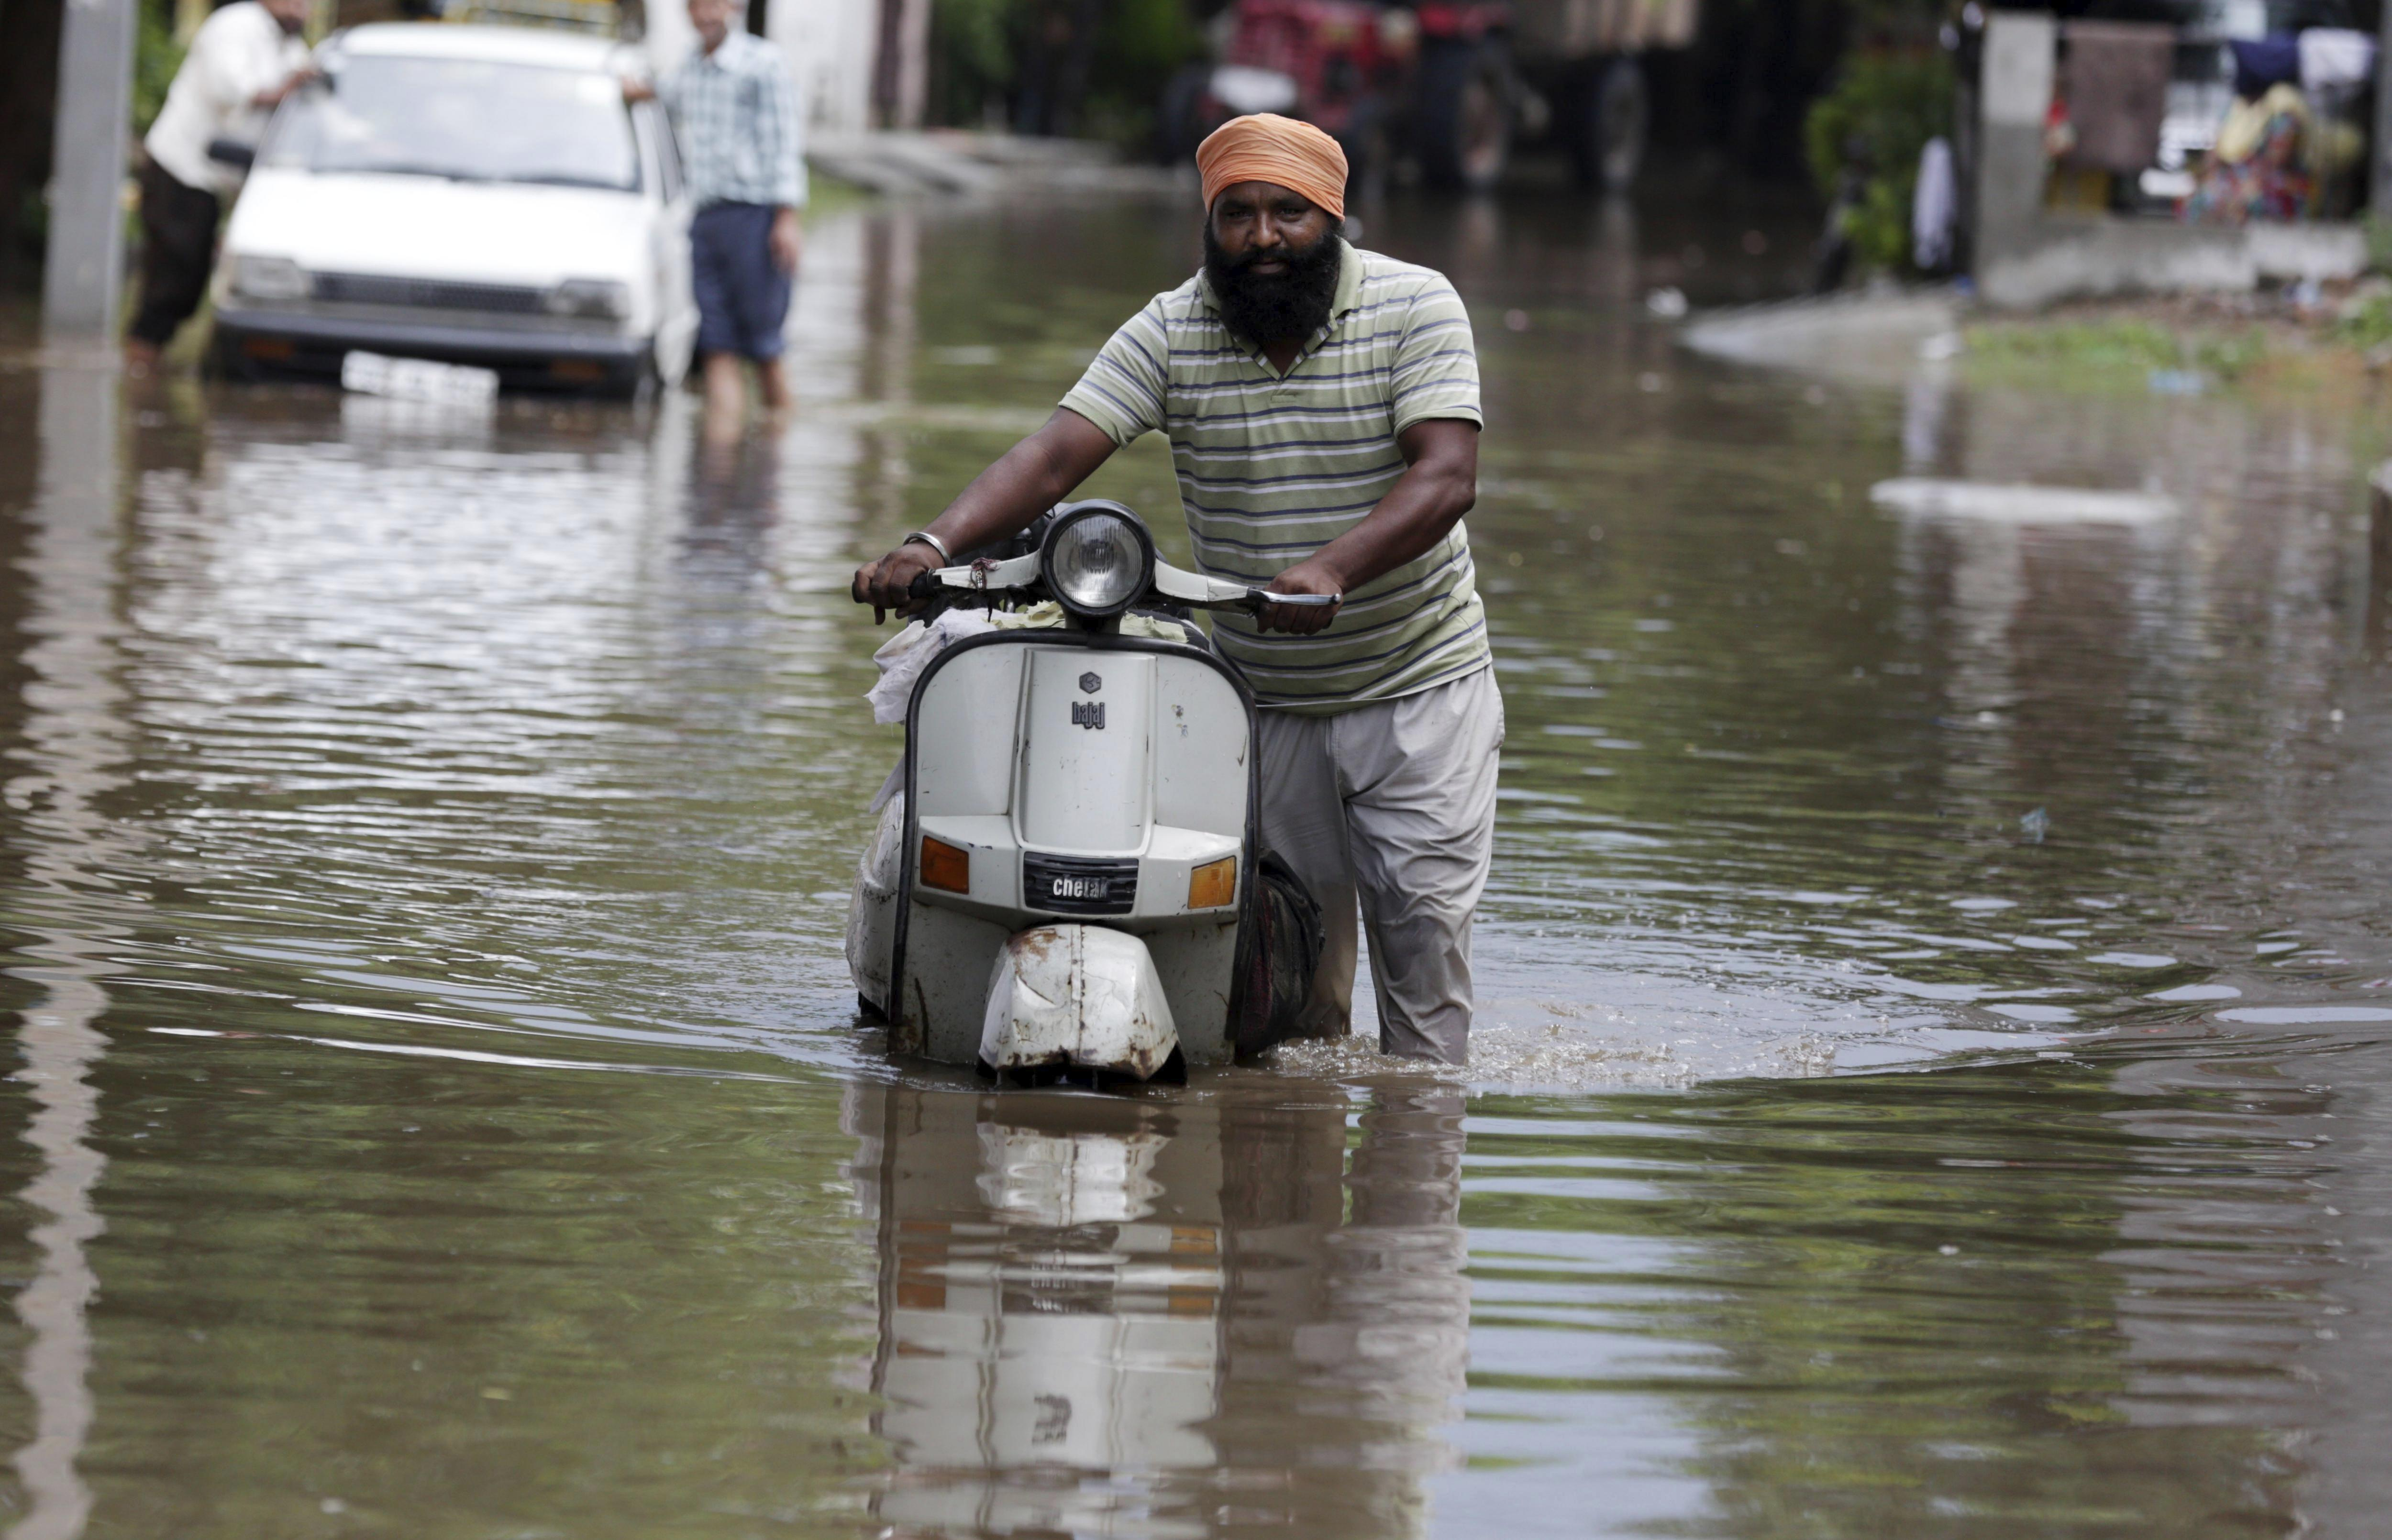 Un home empeny la seva motocicleta per un carrer inundat d'aigua a Amritsar (Índia). /RAMINDER PAL SINGH